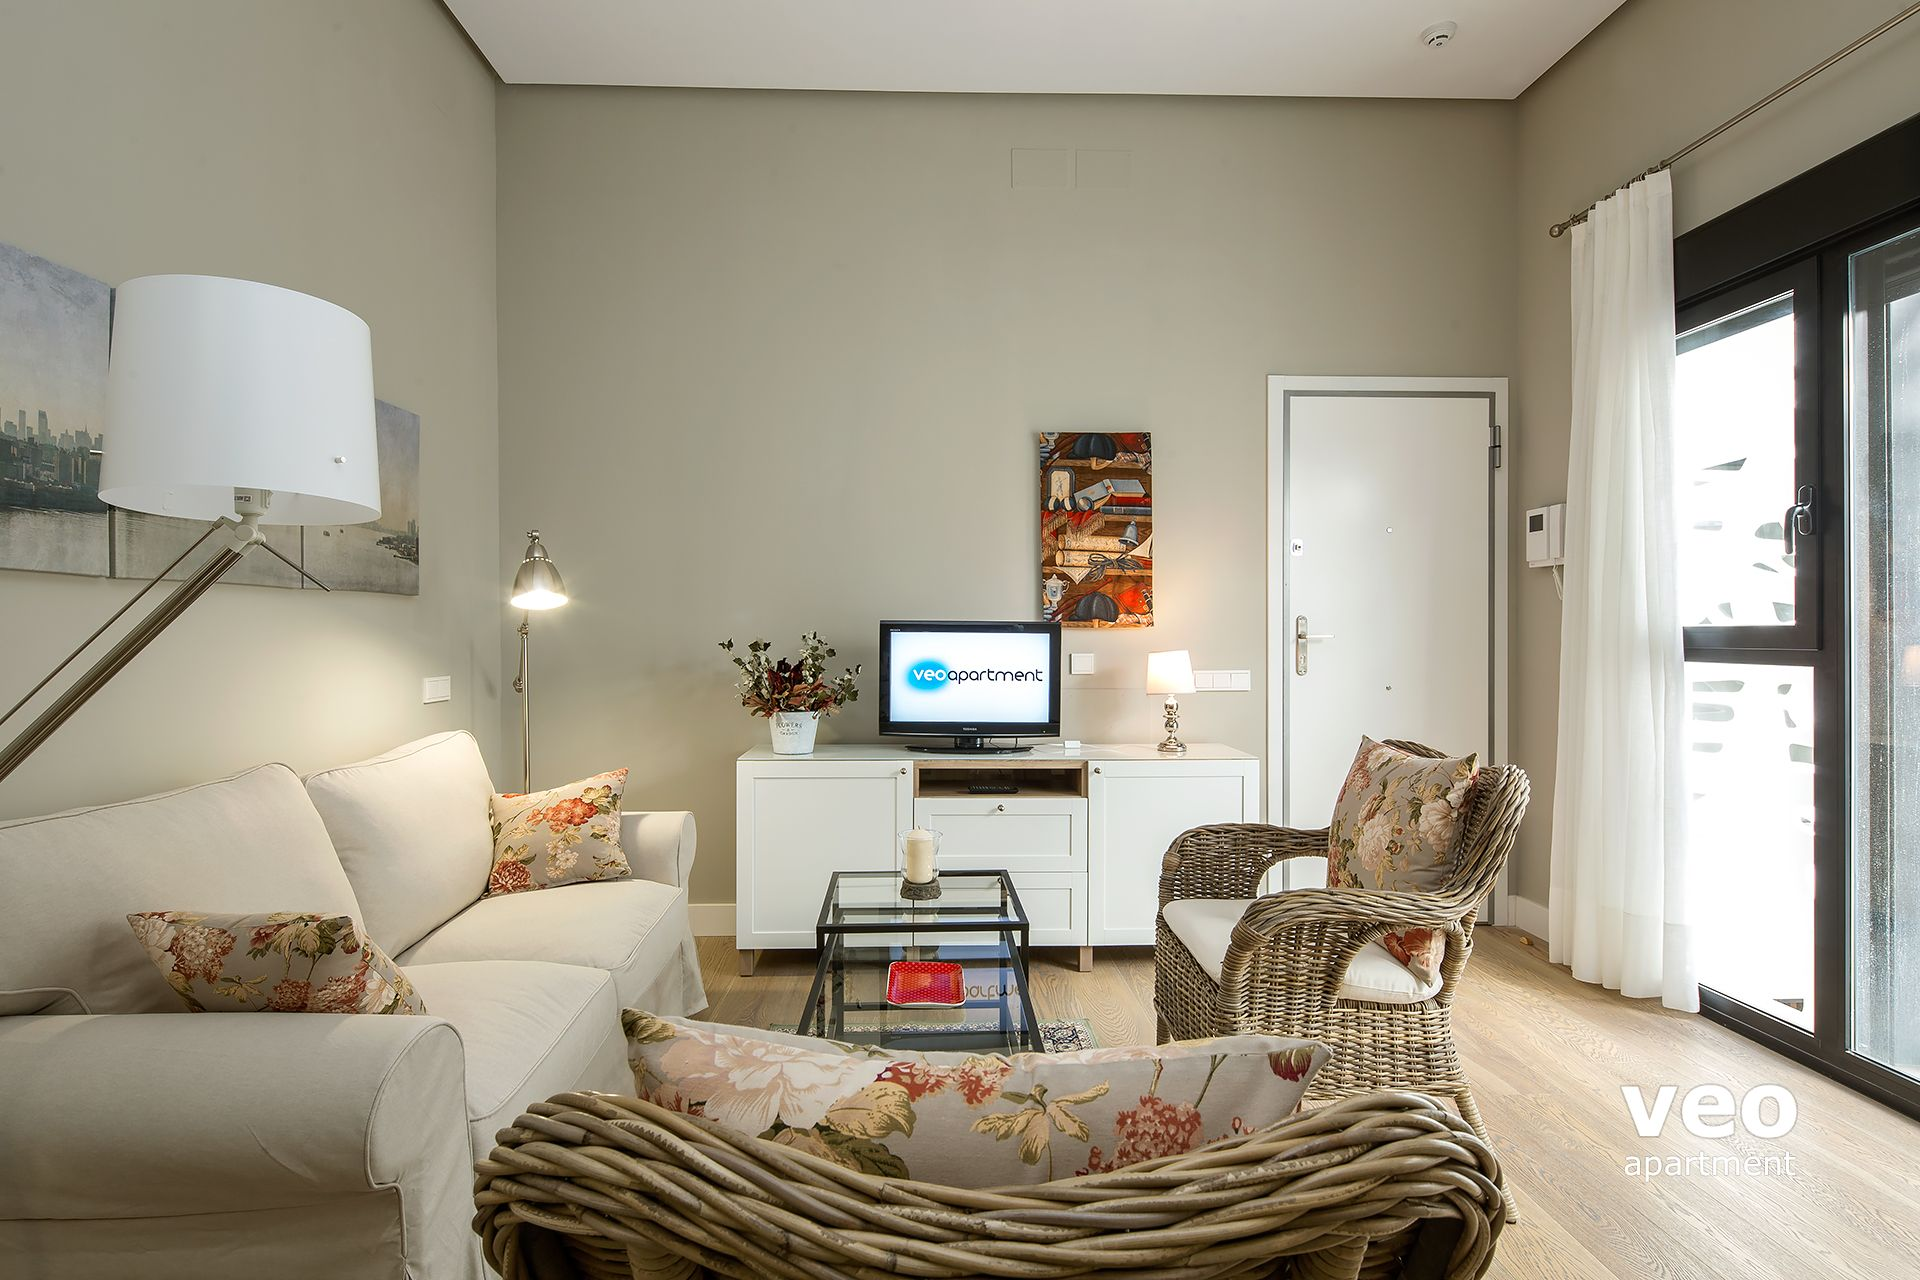 Vistoso angeles muebles ornamento muebles para ideas de - Bricomania sevilla ...